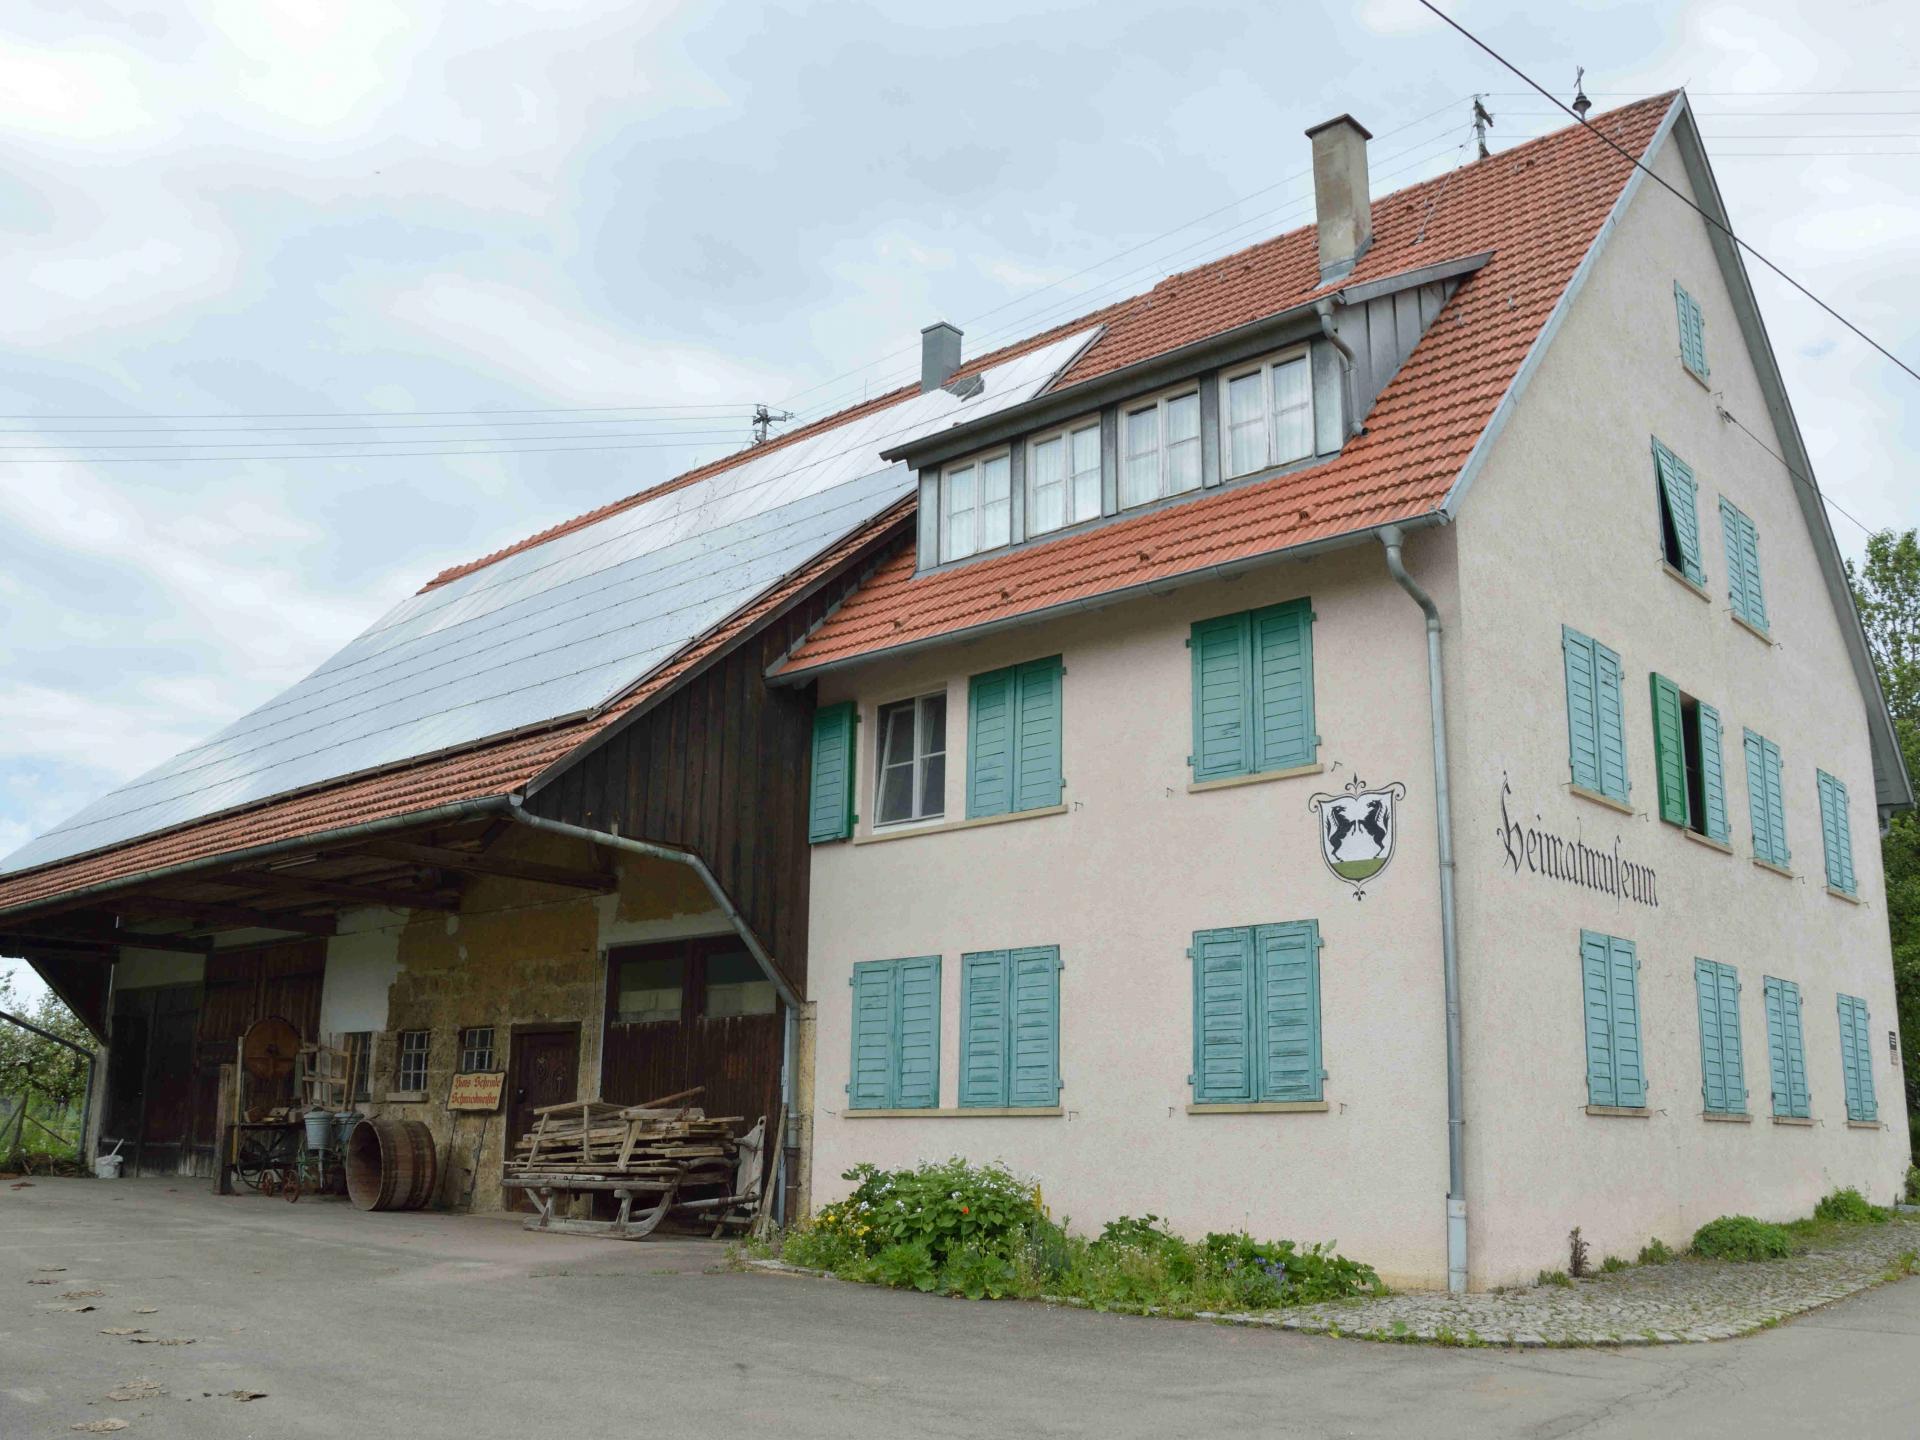 Heimatmuseum-Gebäude